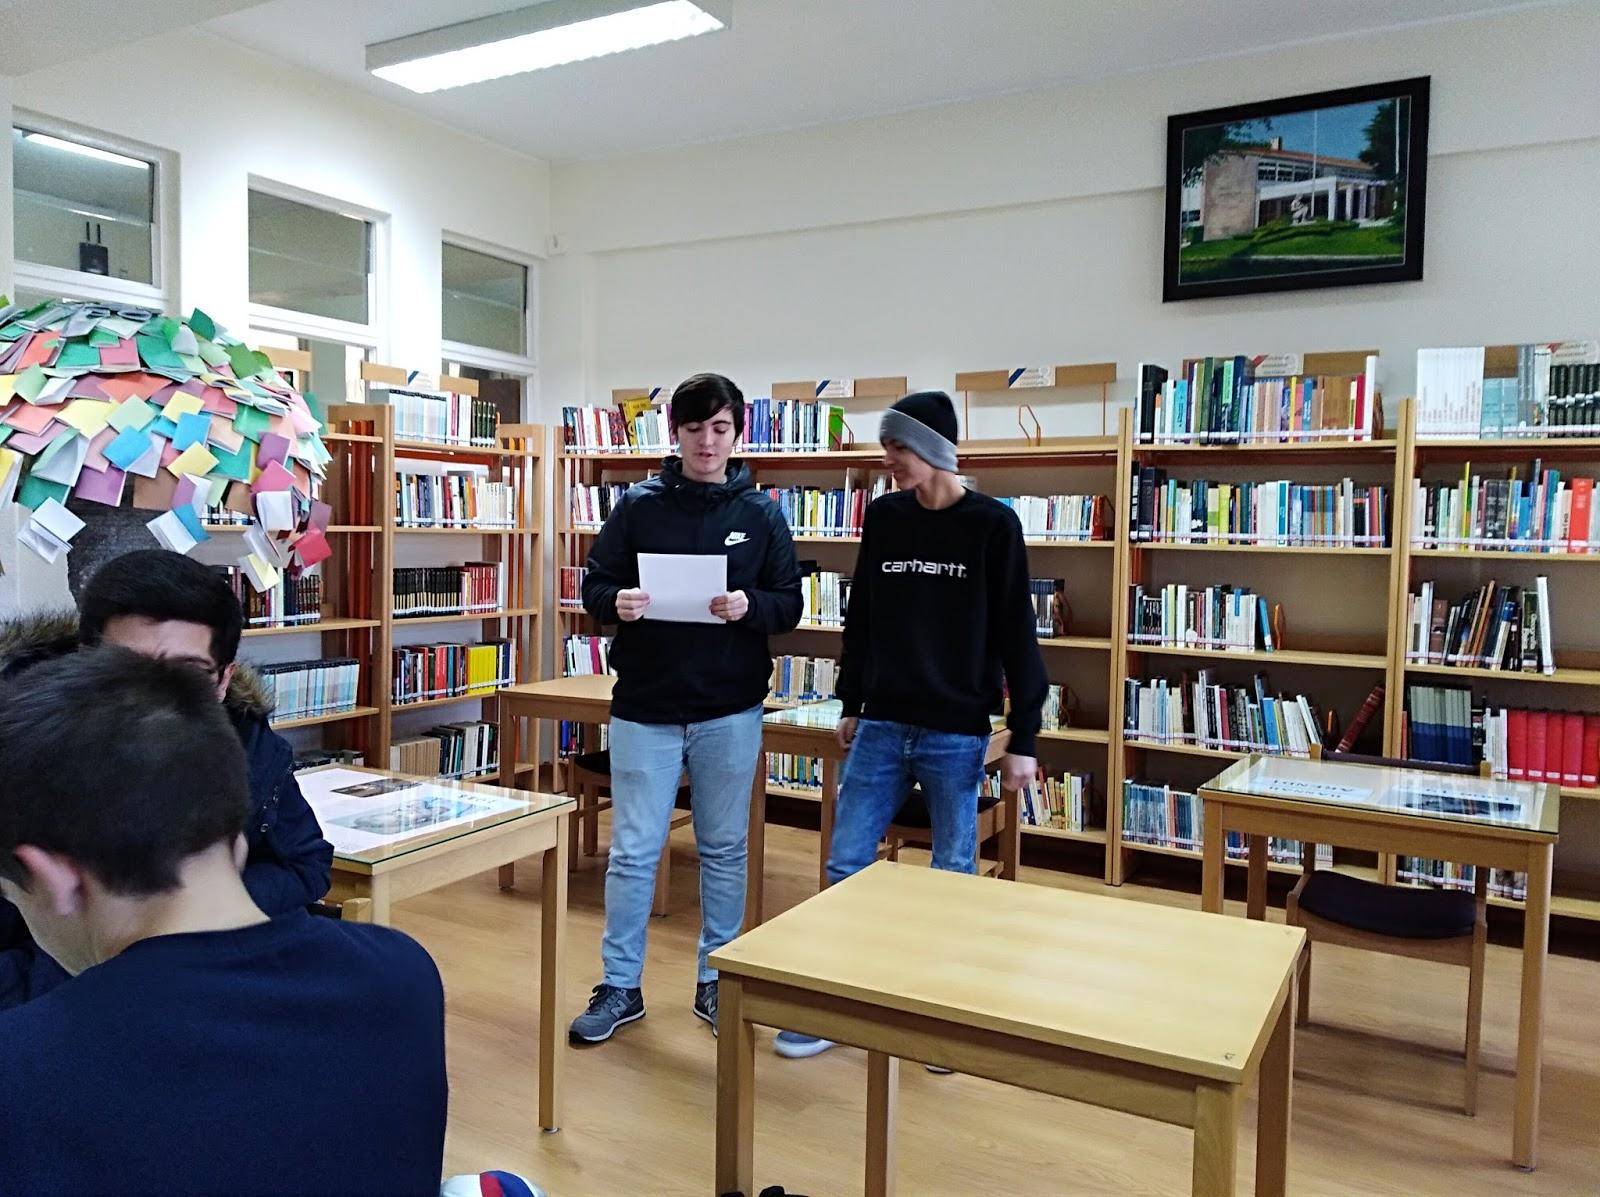 Blogue da biblioteca da escola s 3 s pedro vila real for Biblioteca para oficina